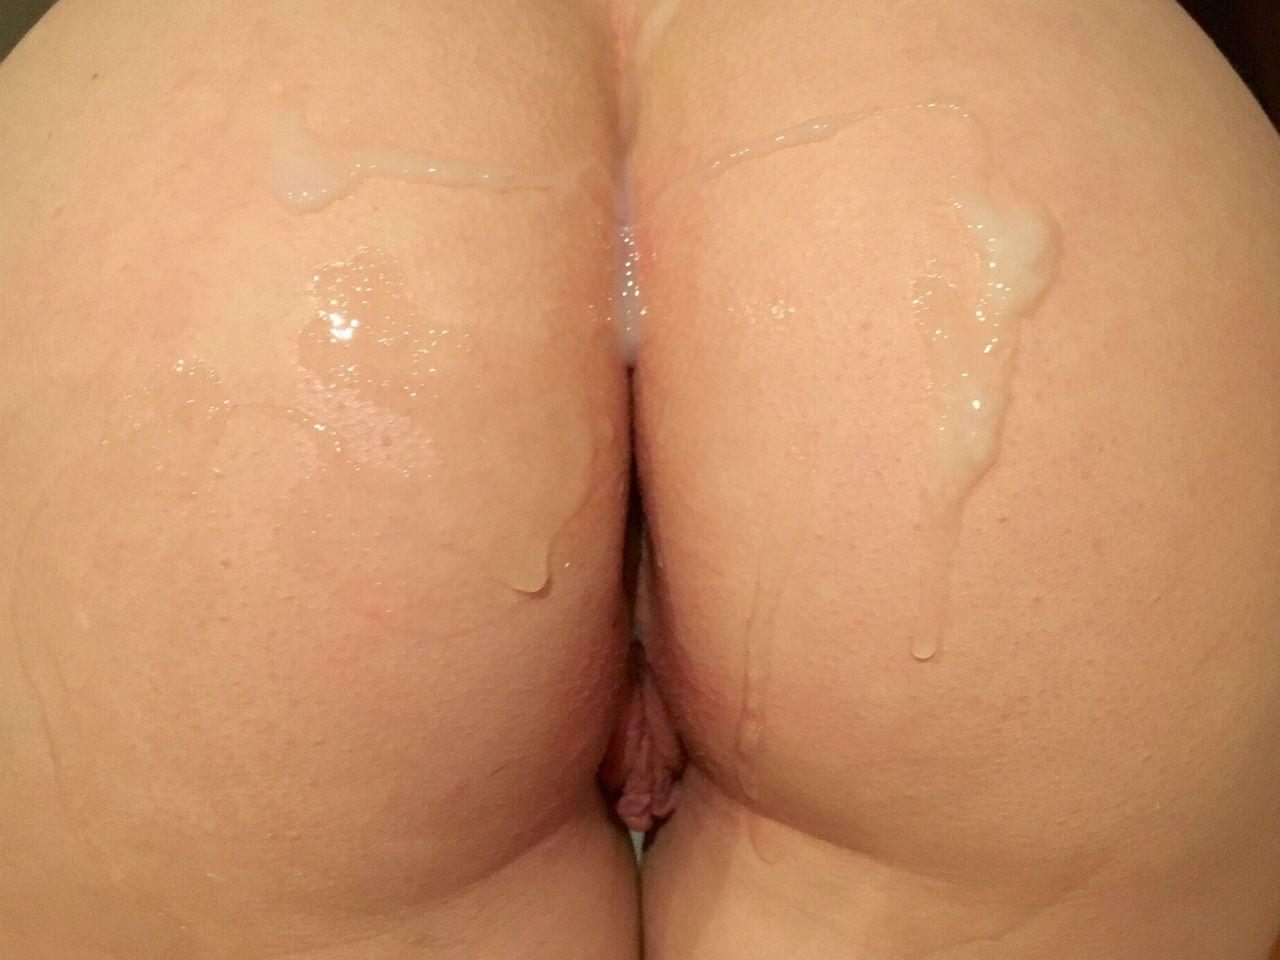 Толстая жопа кончает, бабы толстые кончают и в жопу: порно видео онлайн 1 фотография